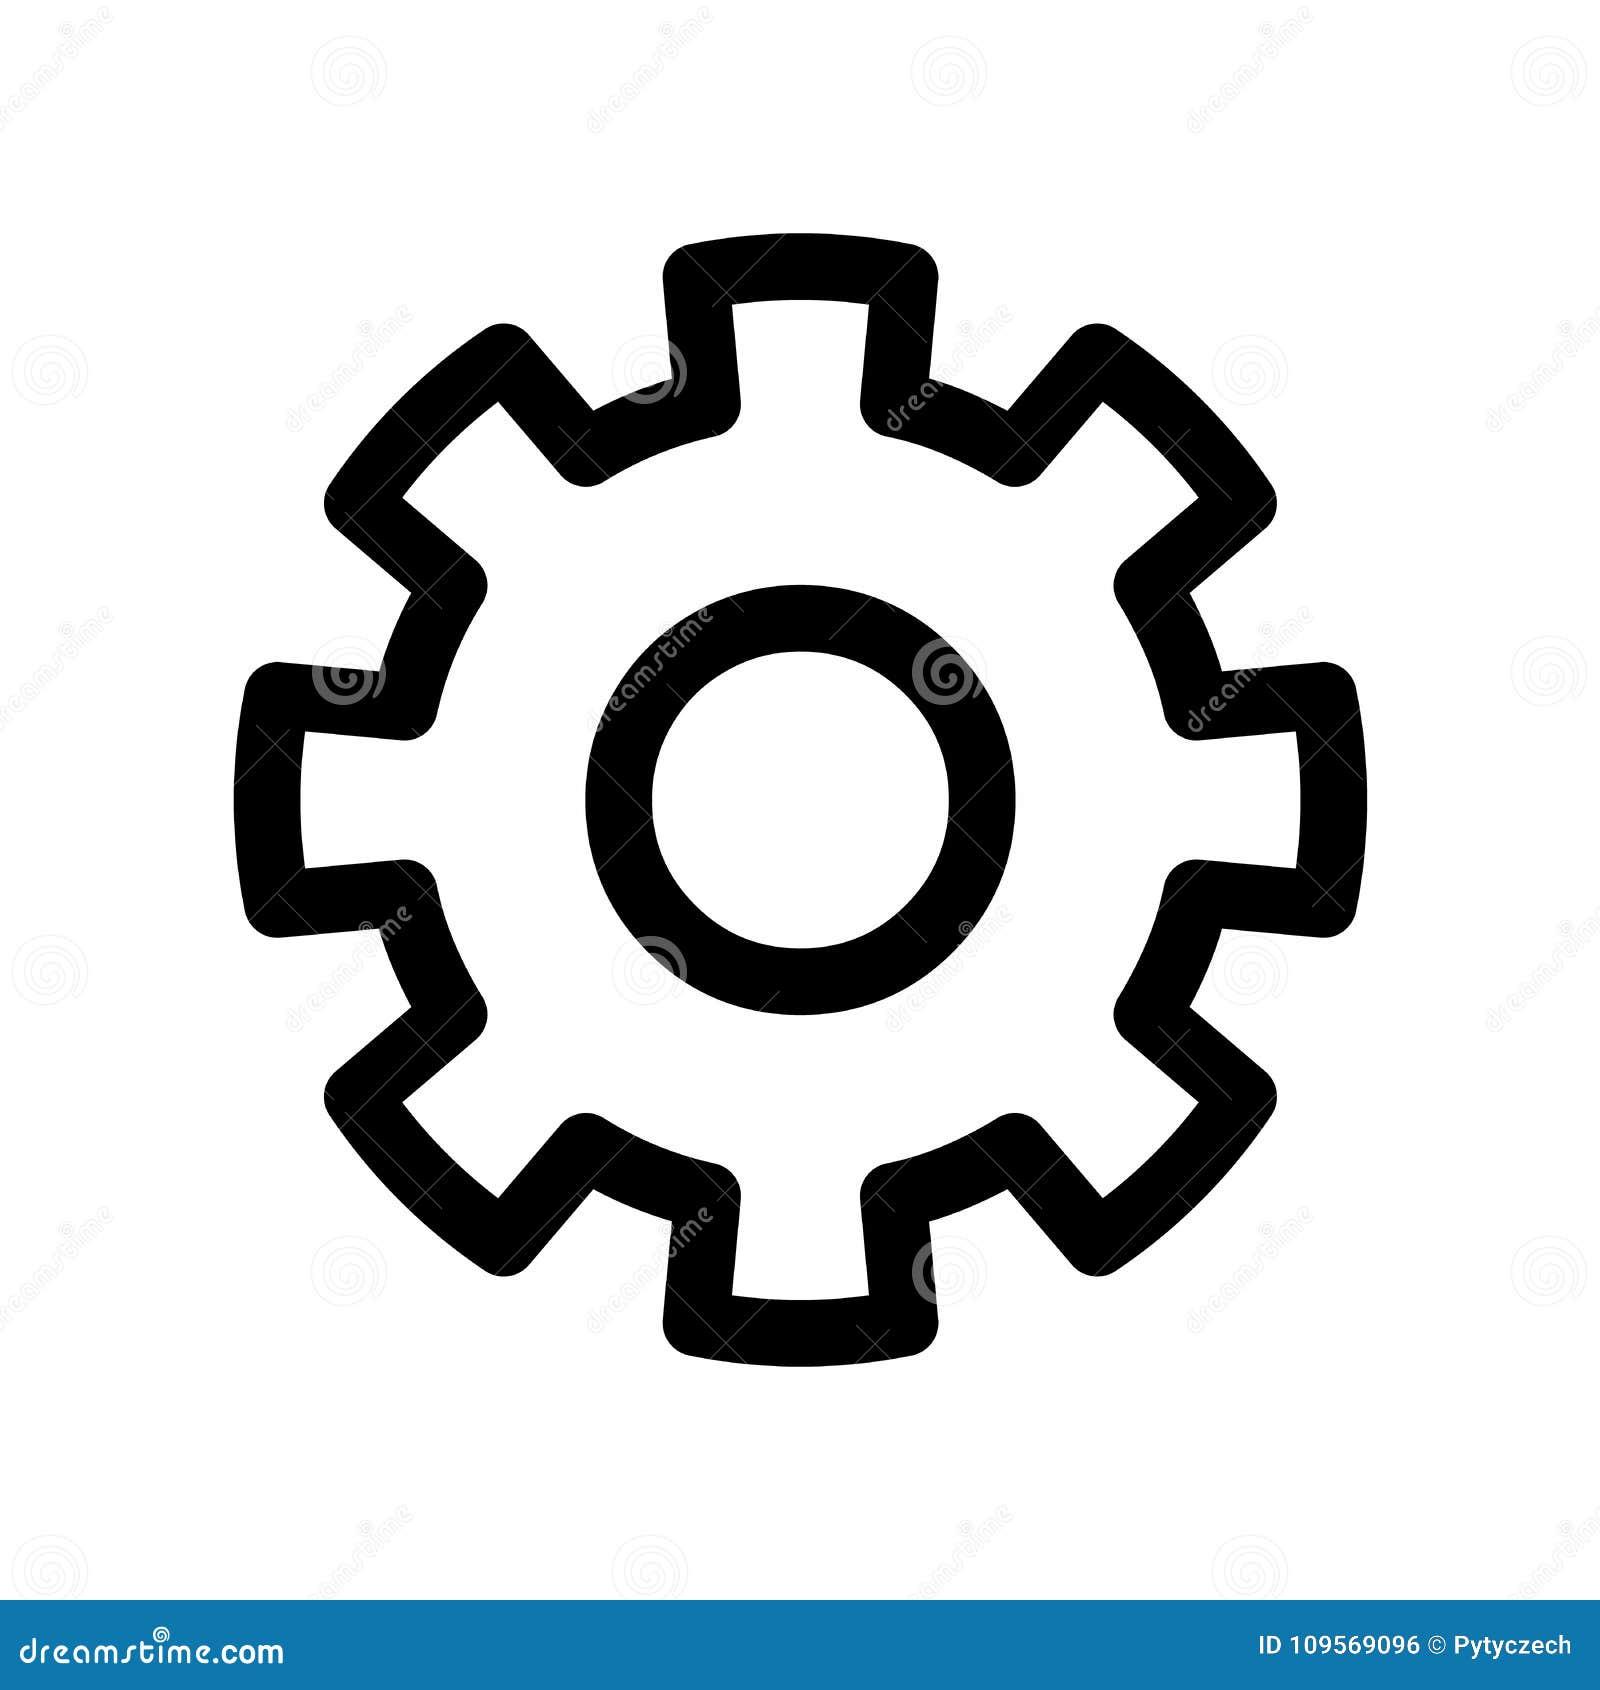 Zahn-Rad-Ikone Symbol von Einstellungen oder von Gang Modernes Gestaltungselement des Entwurfs Einfaches schwarzes flaches Vektor